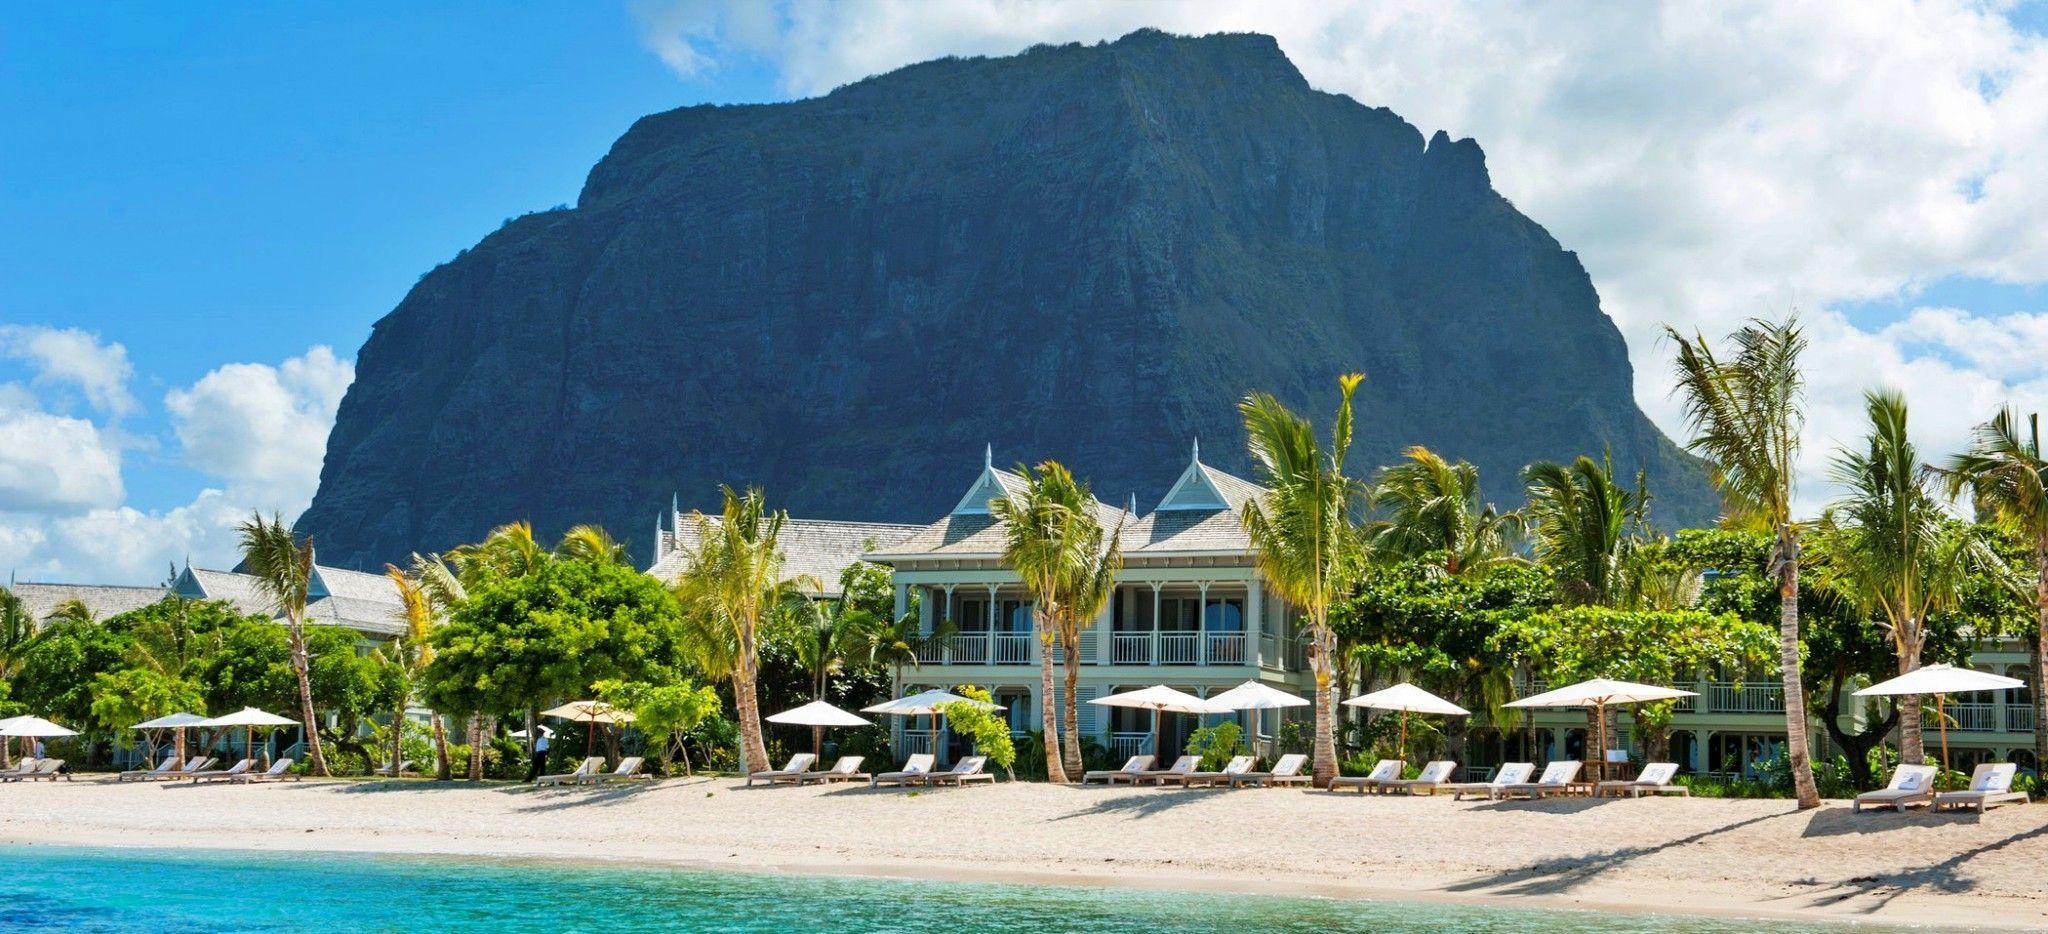 Das Hotel St. Regis Mauritius vor dem Berg Mont le Morne